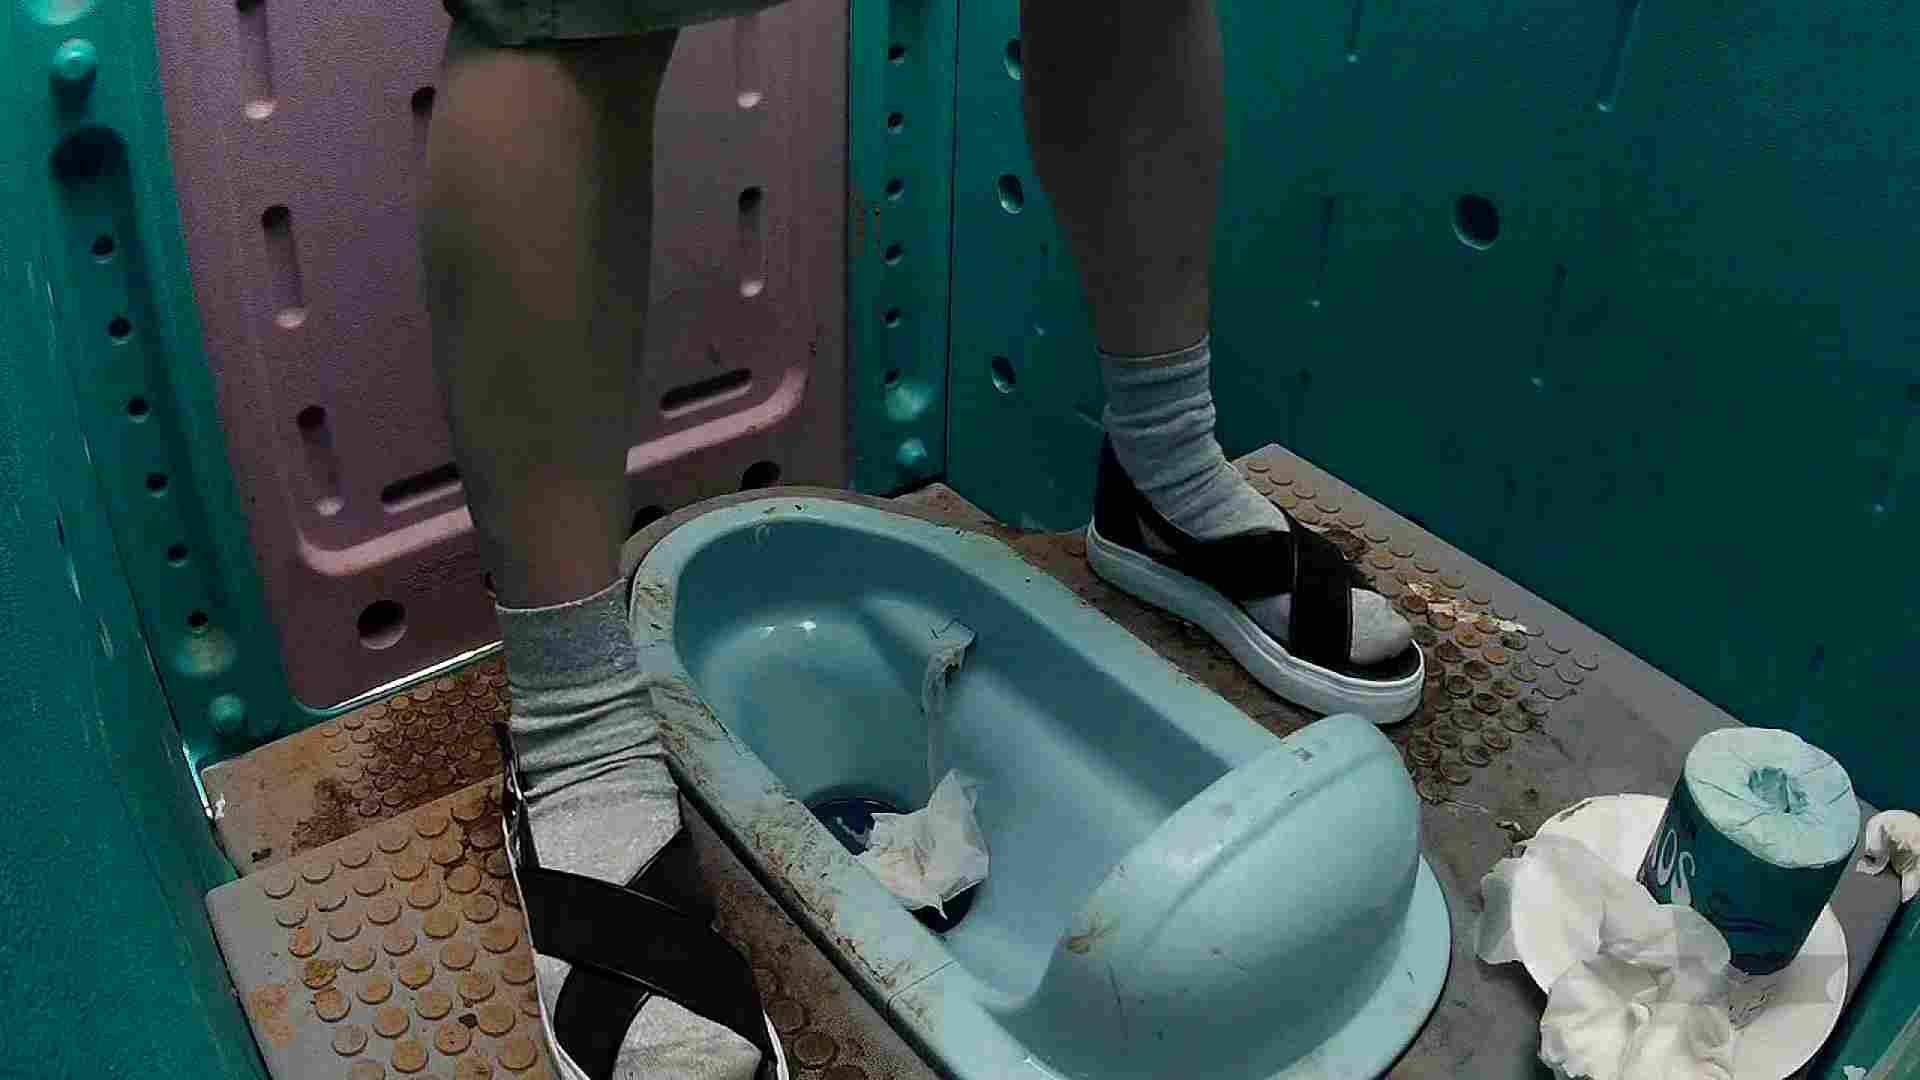 痴態洗面所 Vol.08 たっぷり汚トイレ エッチなお姉さん   盛合せ  31画像 31